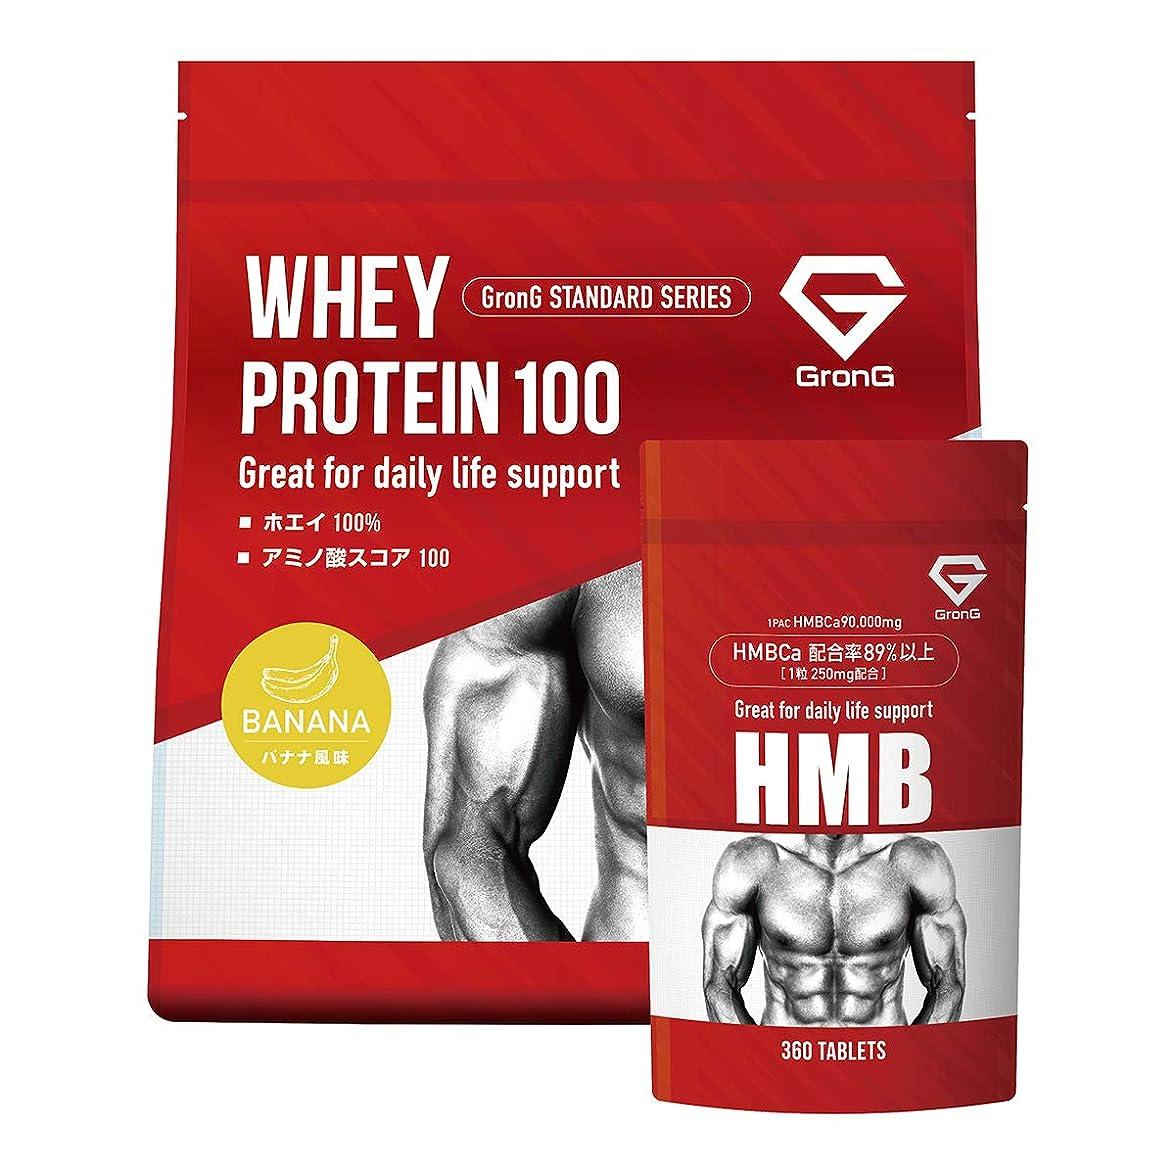 代替案遺伝的からに変化するGronG プロテイン HMB セット ホエイプロテイン100 バナナ風味 1kg 国産